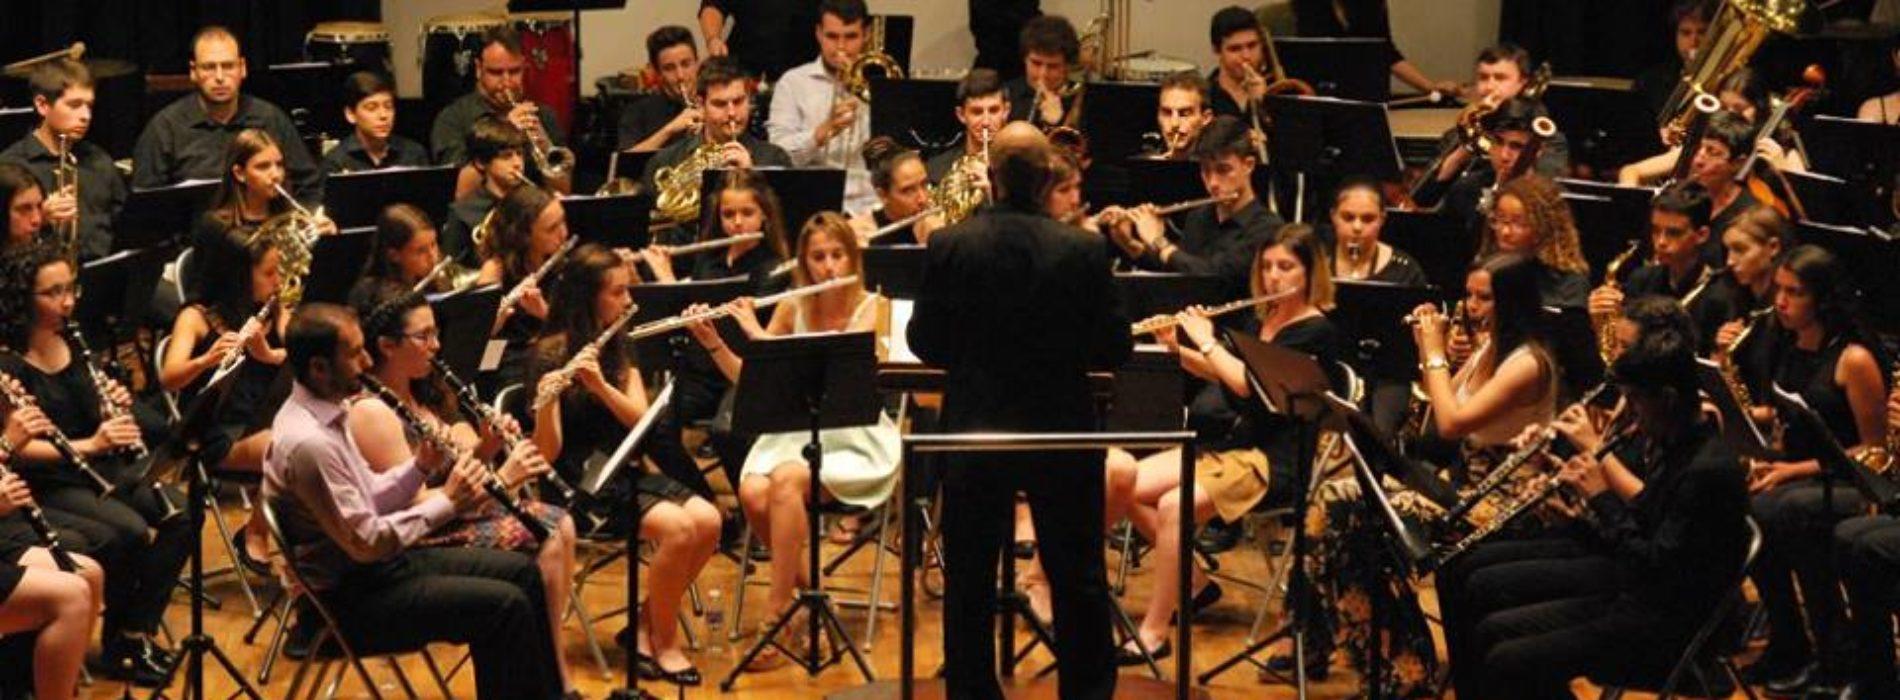 La banda del Conservatorio profesional Vila de Sant Joan emociona en el acto de graduación de la primera promoción.